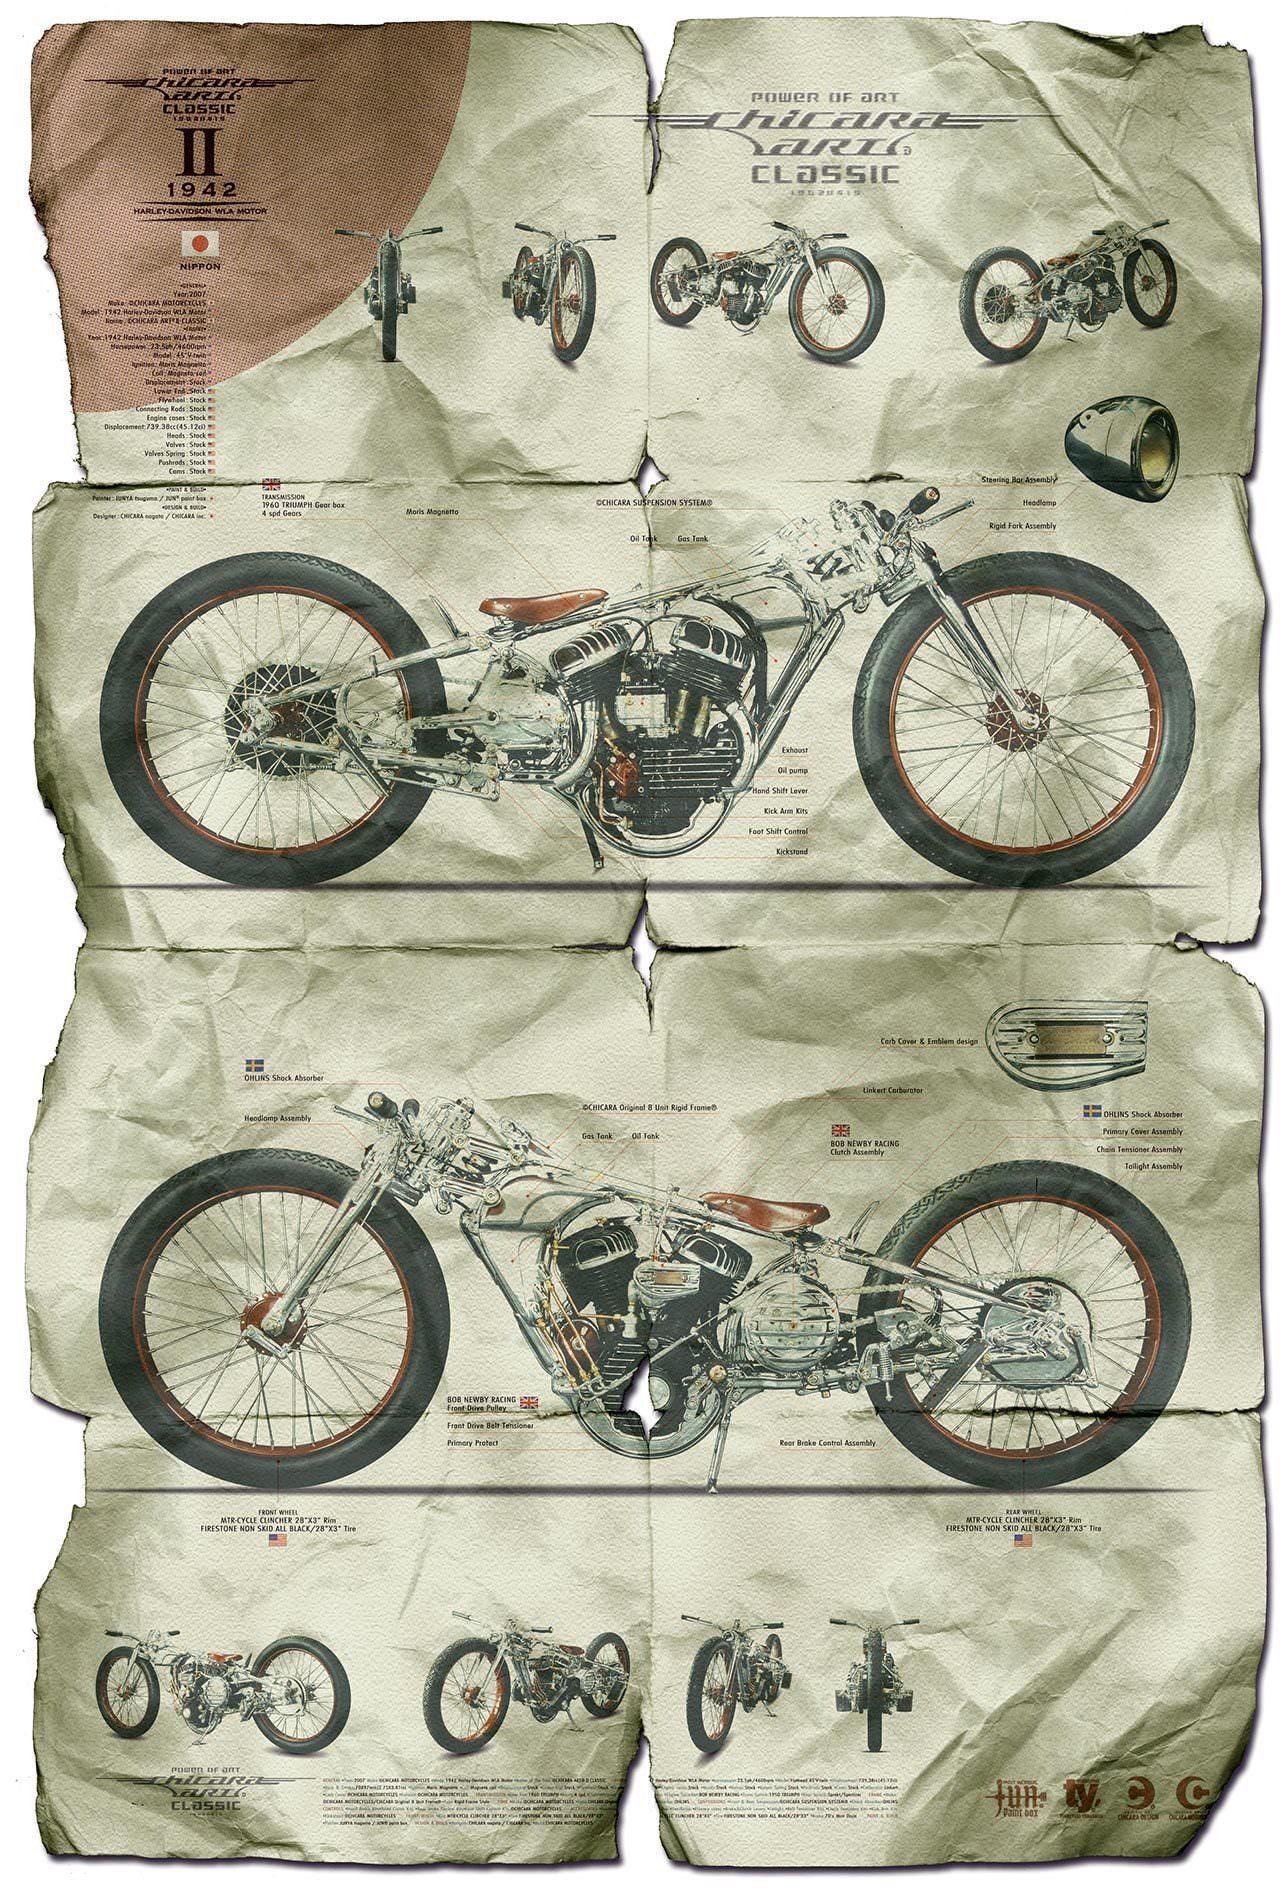 Chicara Nagata Motorbikes The Motorcycles of Chicara Nagata